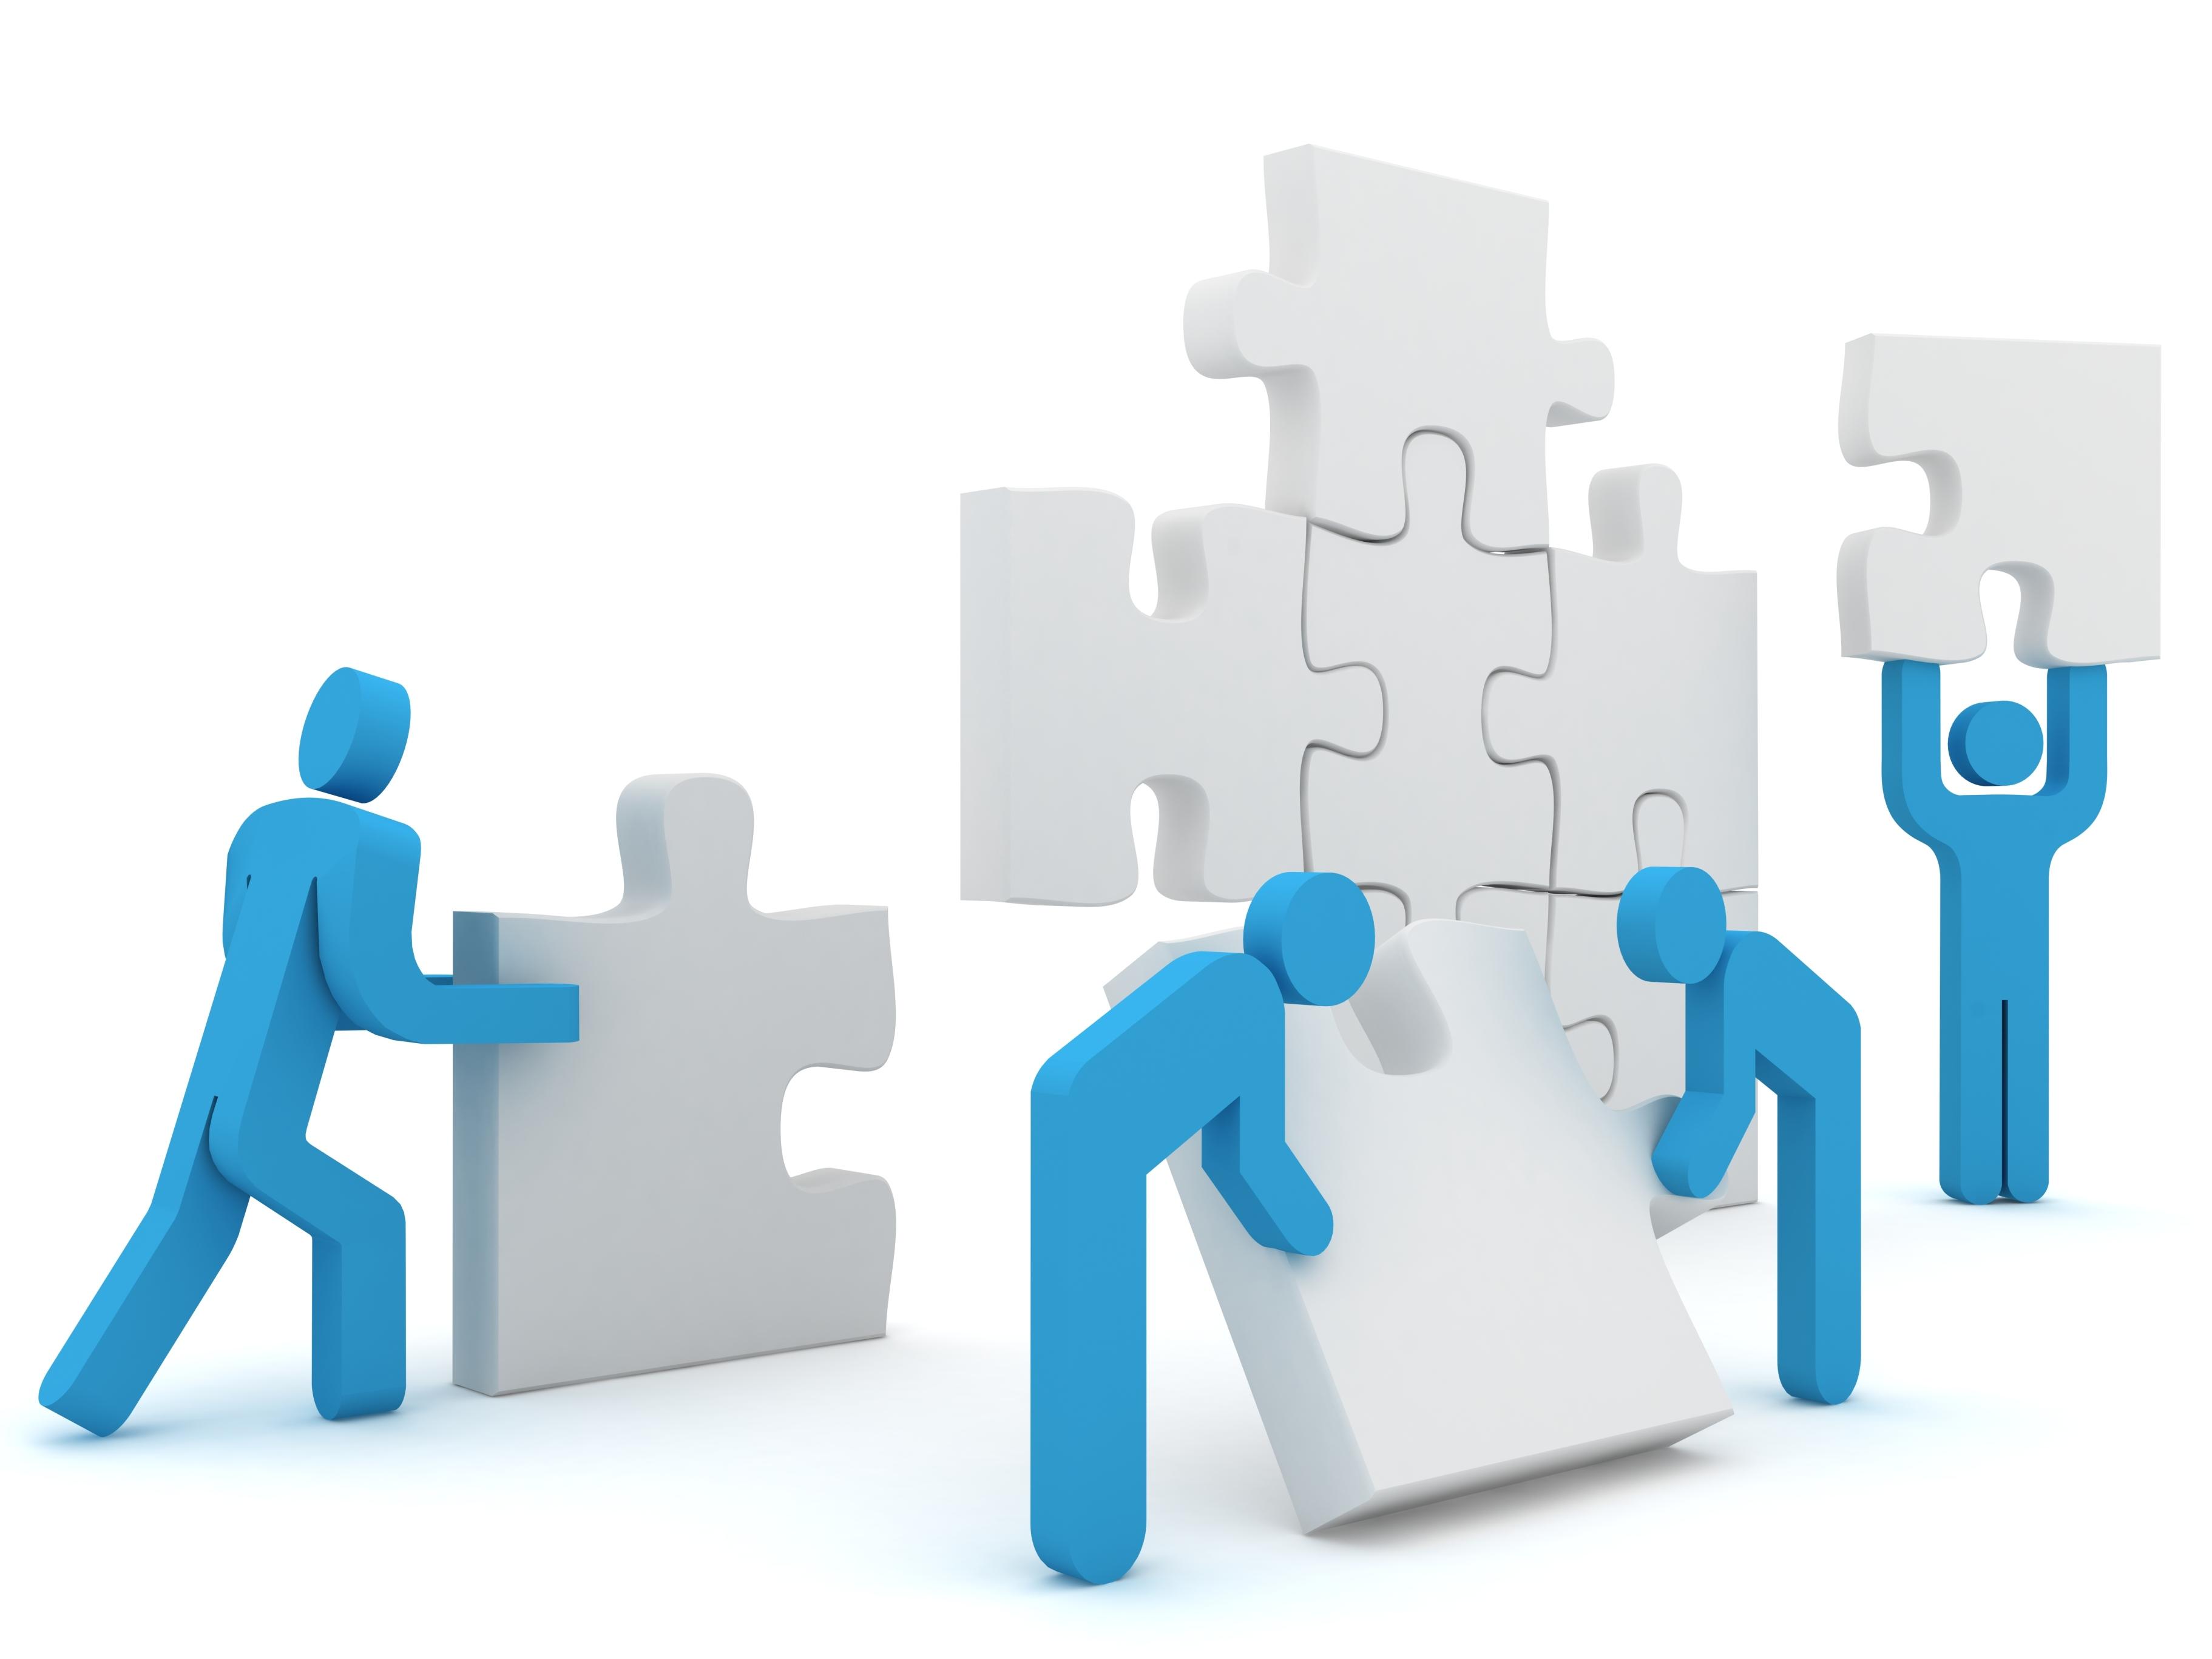 Chuyển đổi công ty nhà nước thành công ty TNHH một thành viên